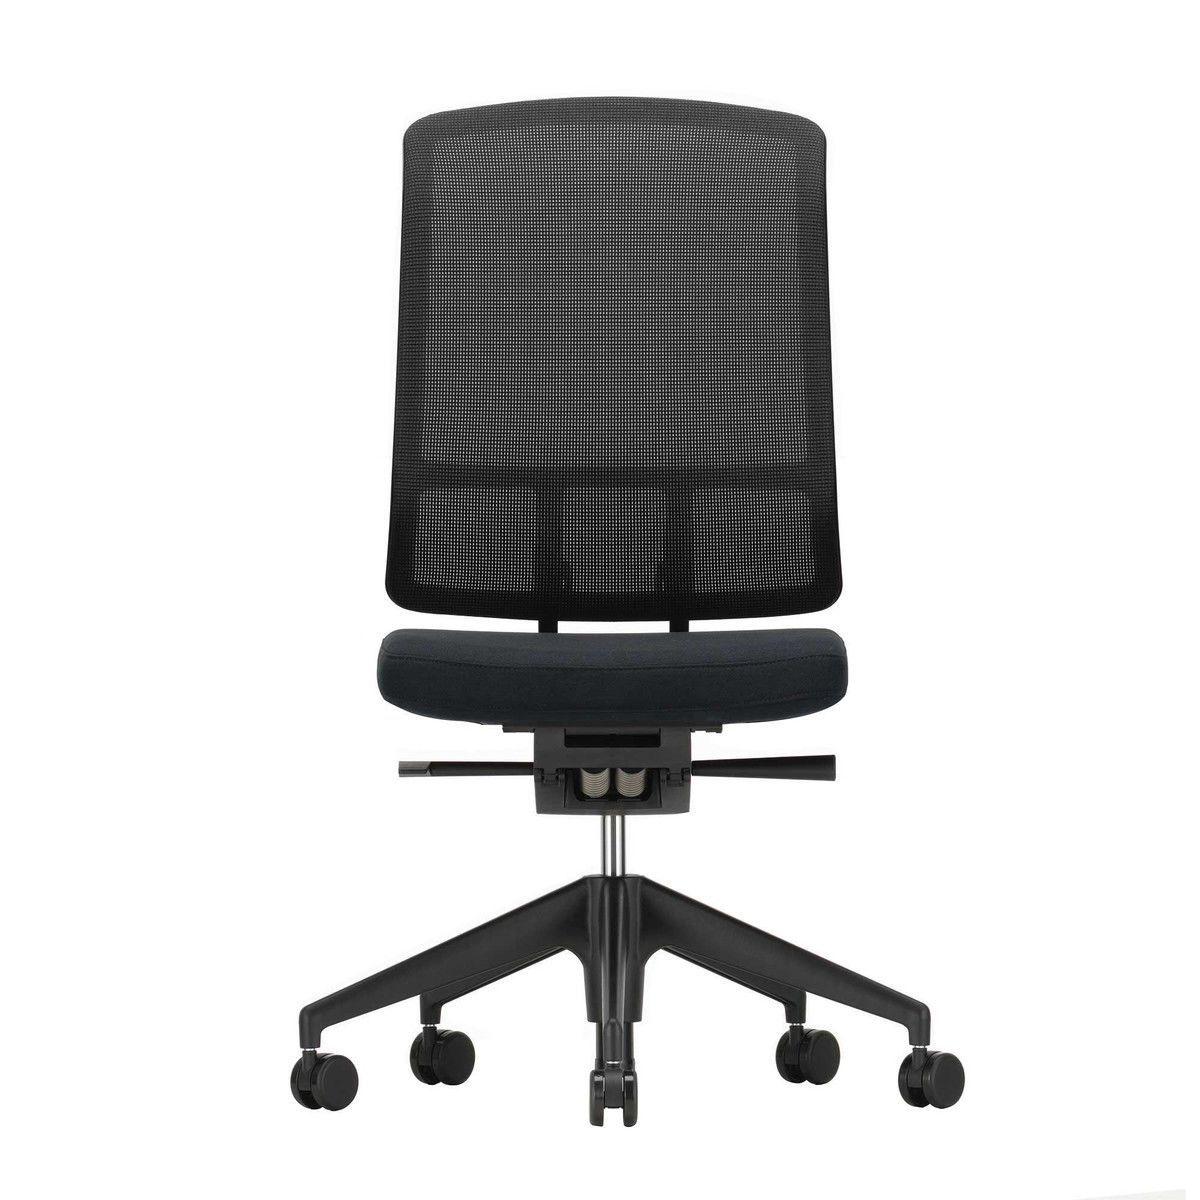 Am chair chaise de bureau sans accotoirs vitra for Chaise de bureau vitra prix